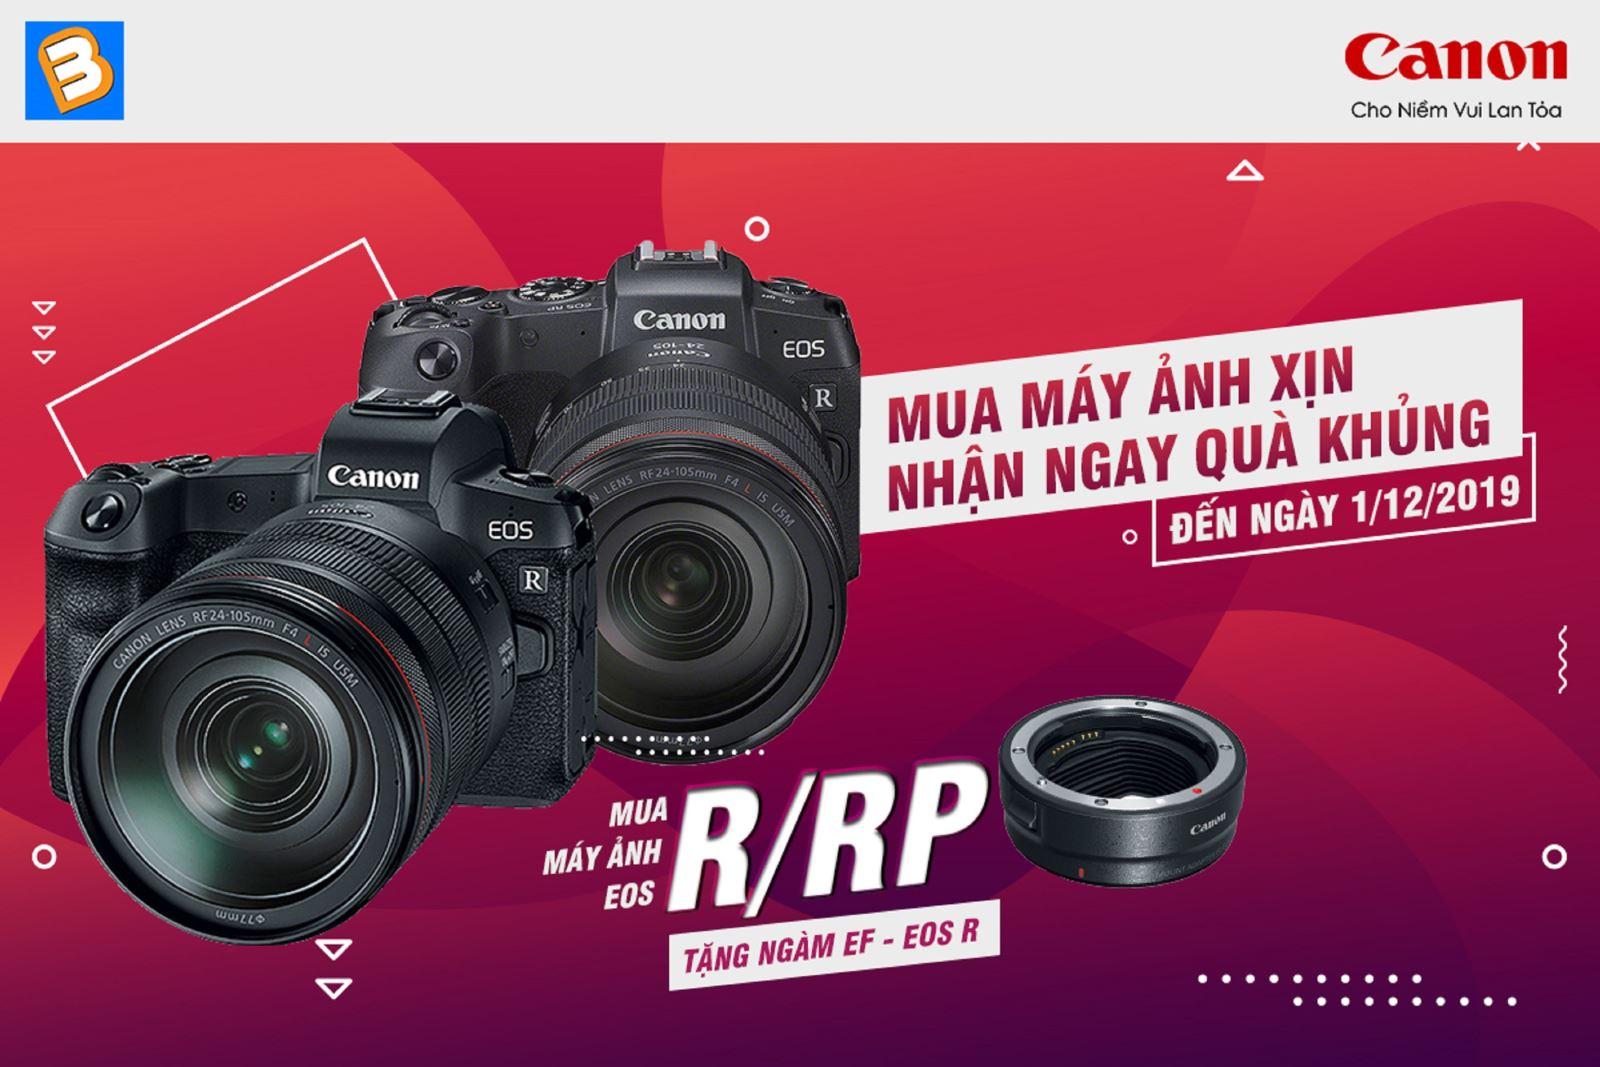 Mua máy ảnh Canon EOS R/ RP tặng ngay ngàmEF-EOS R